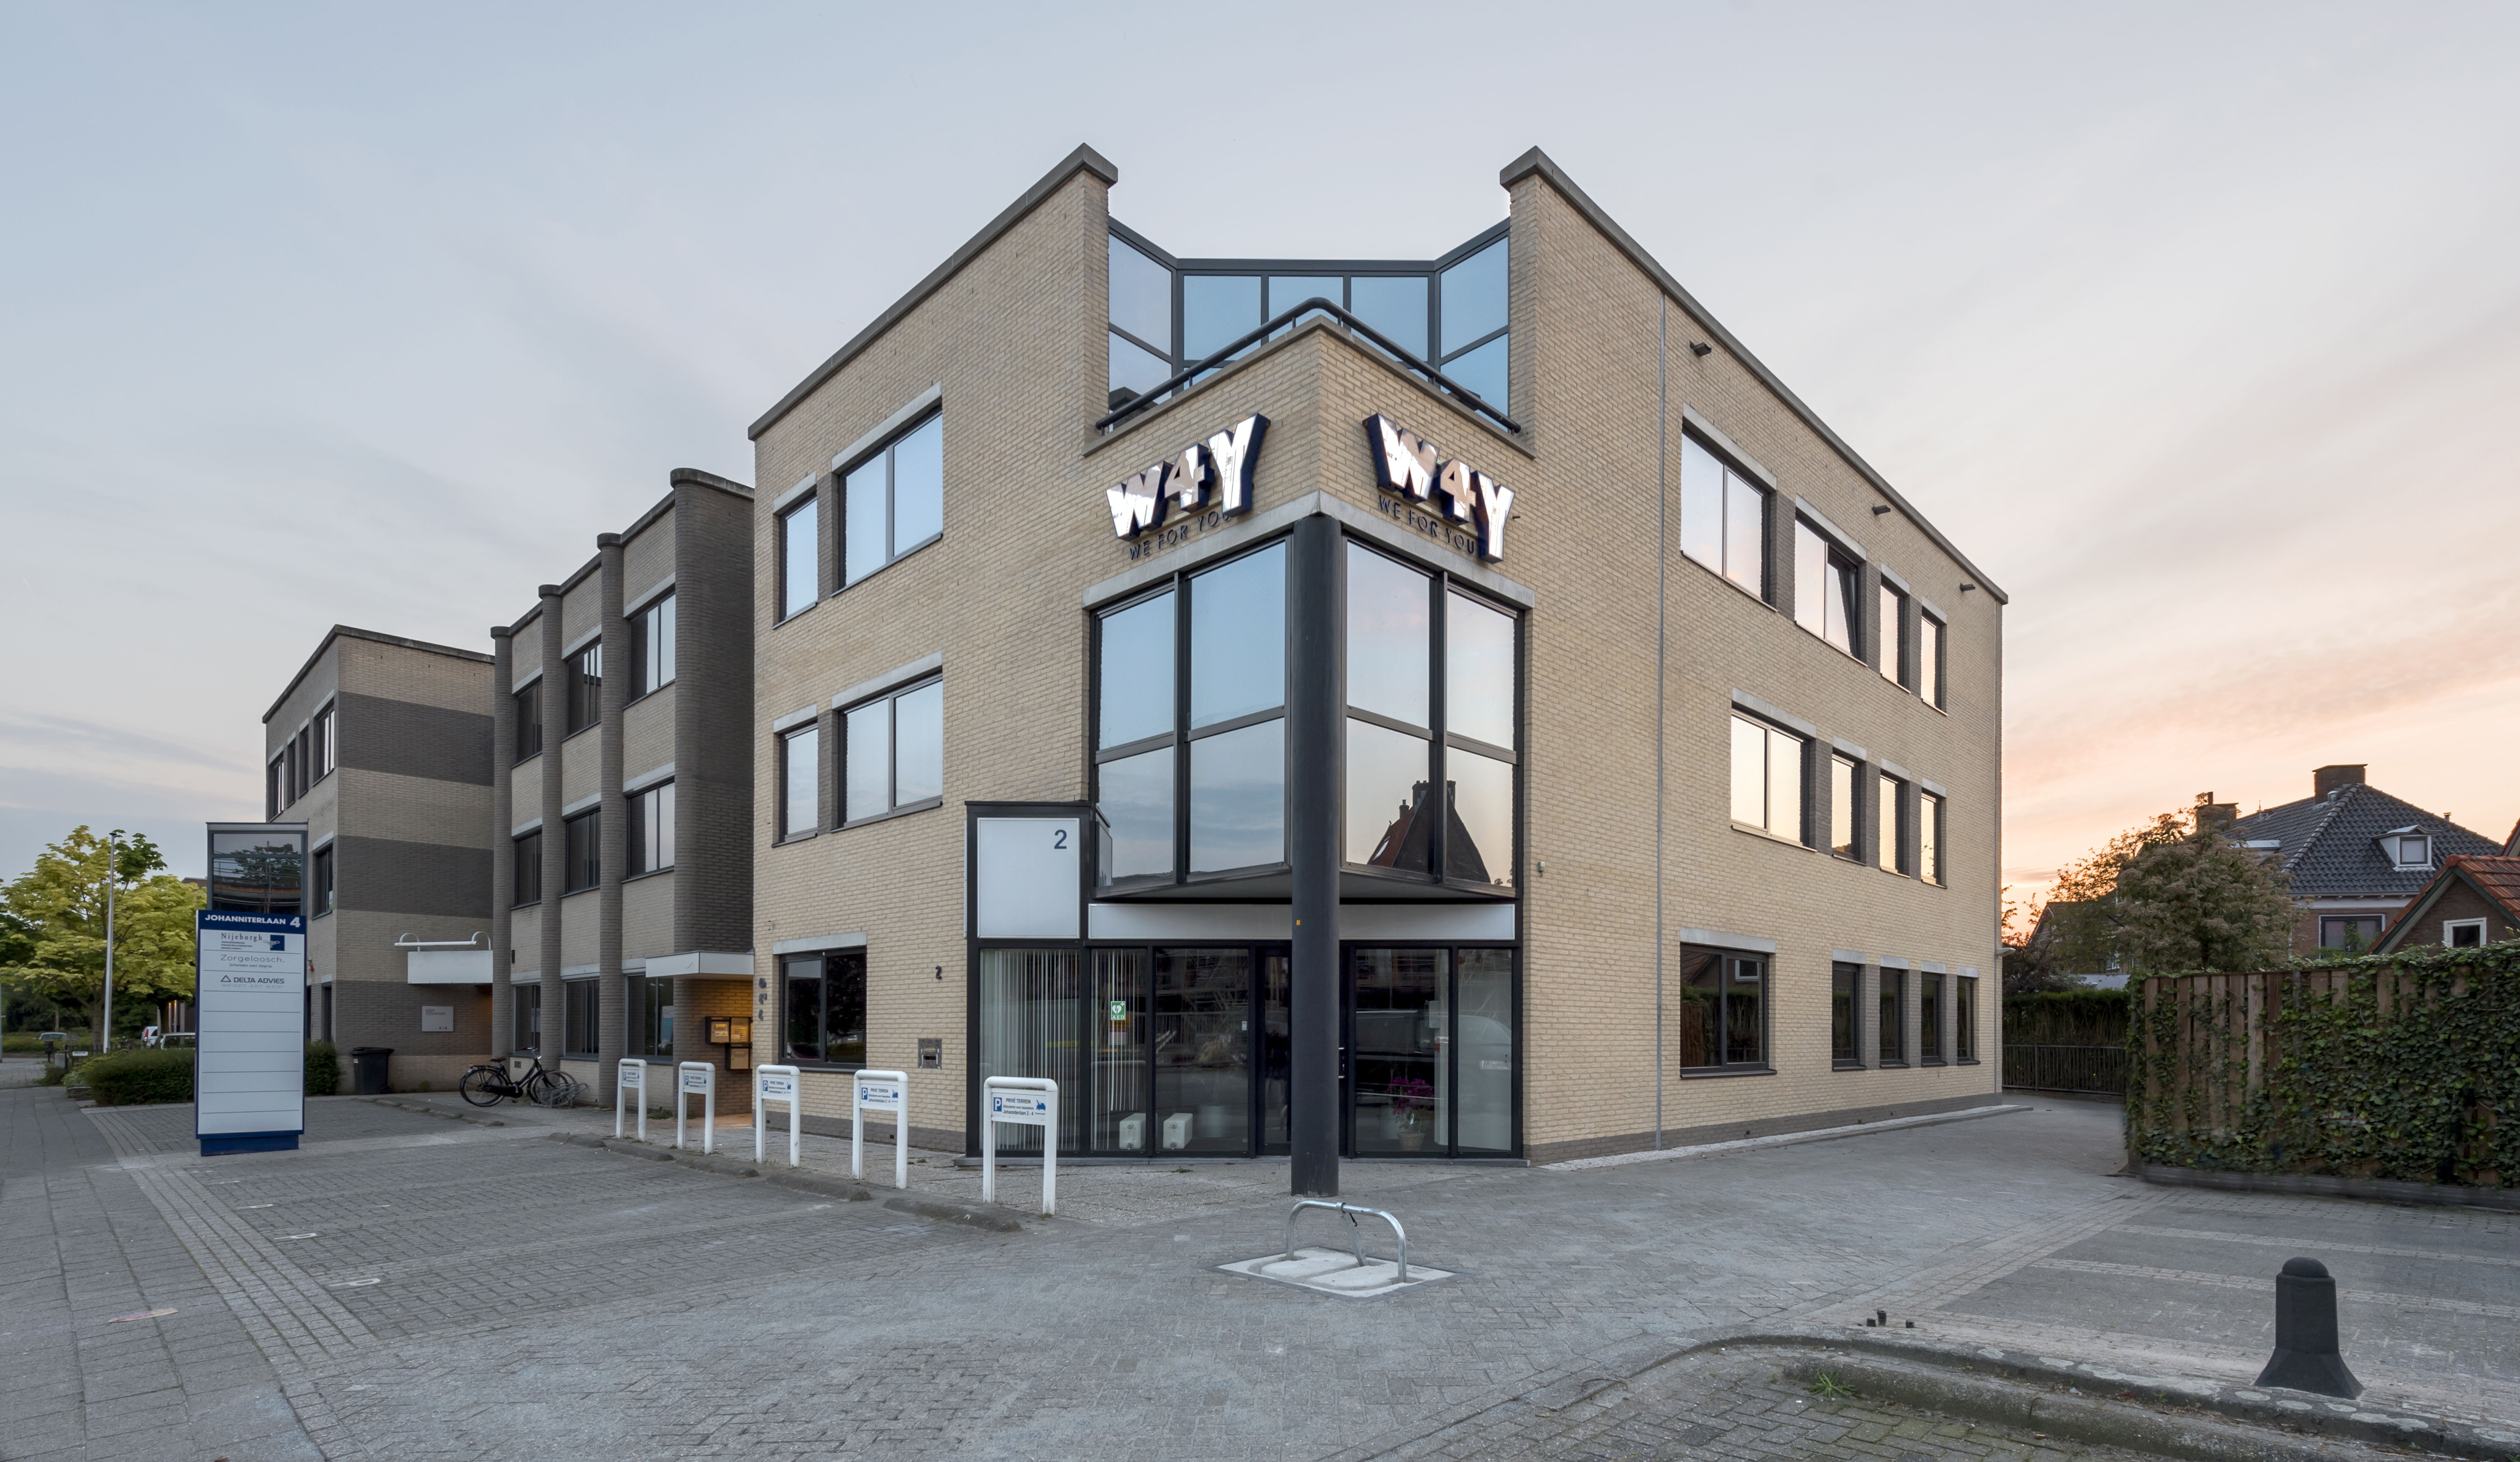 kantoorw4y01